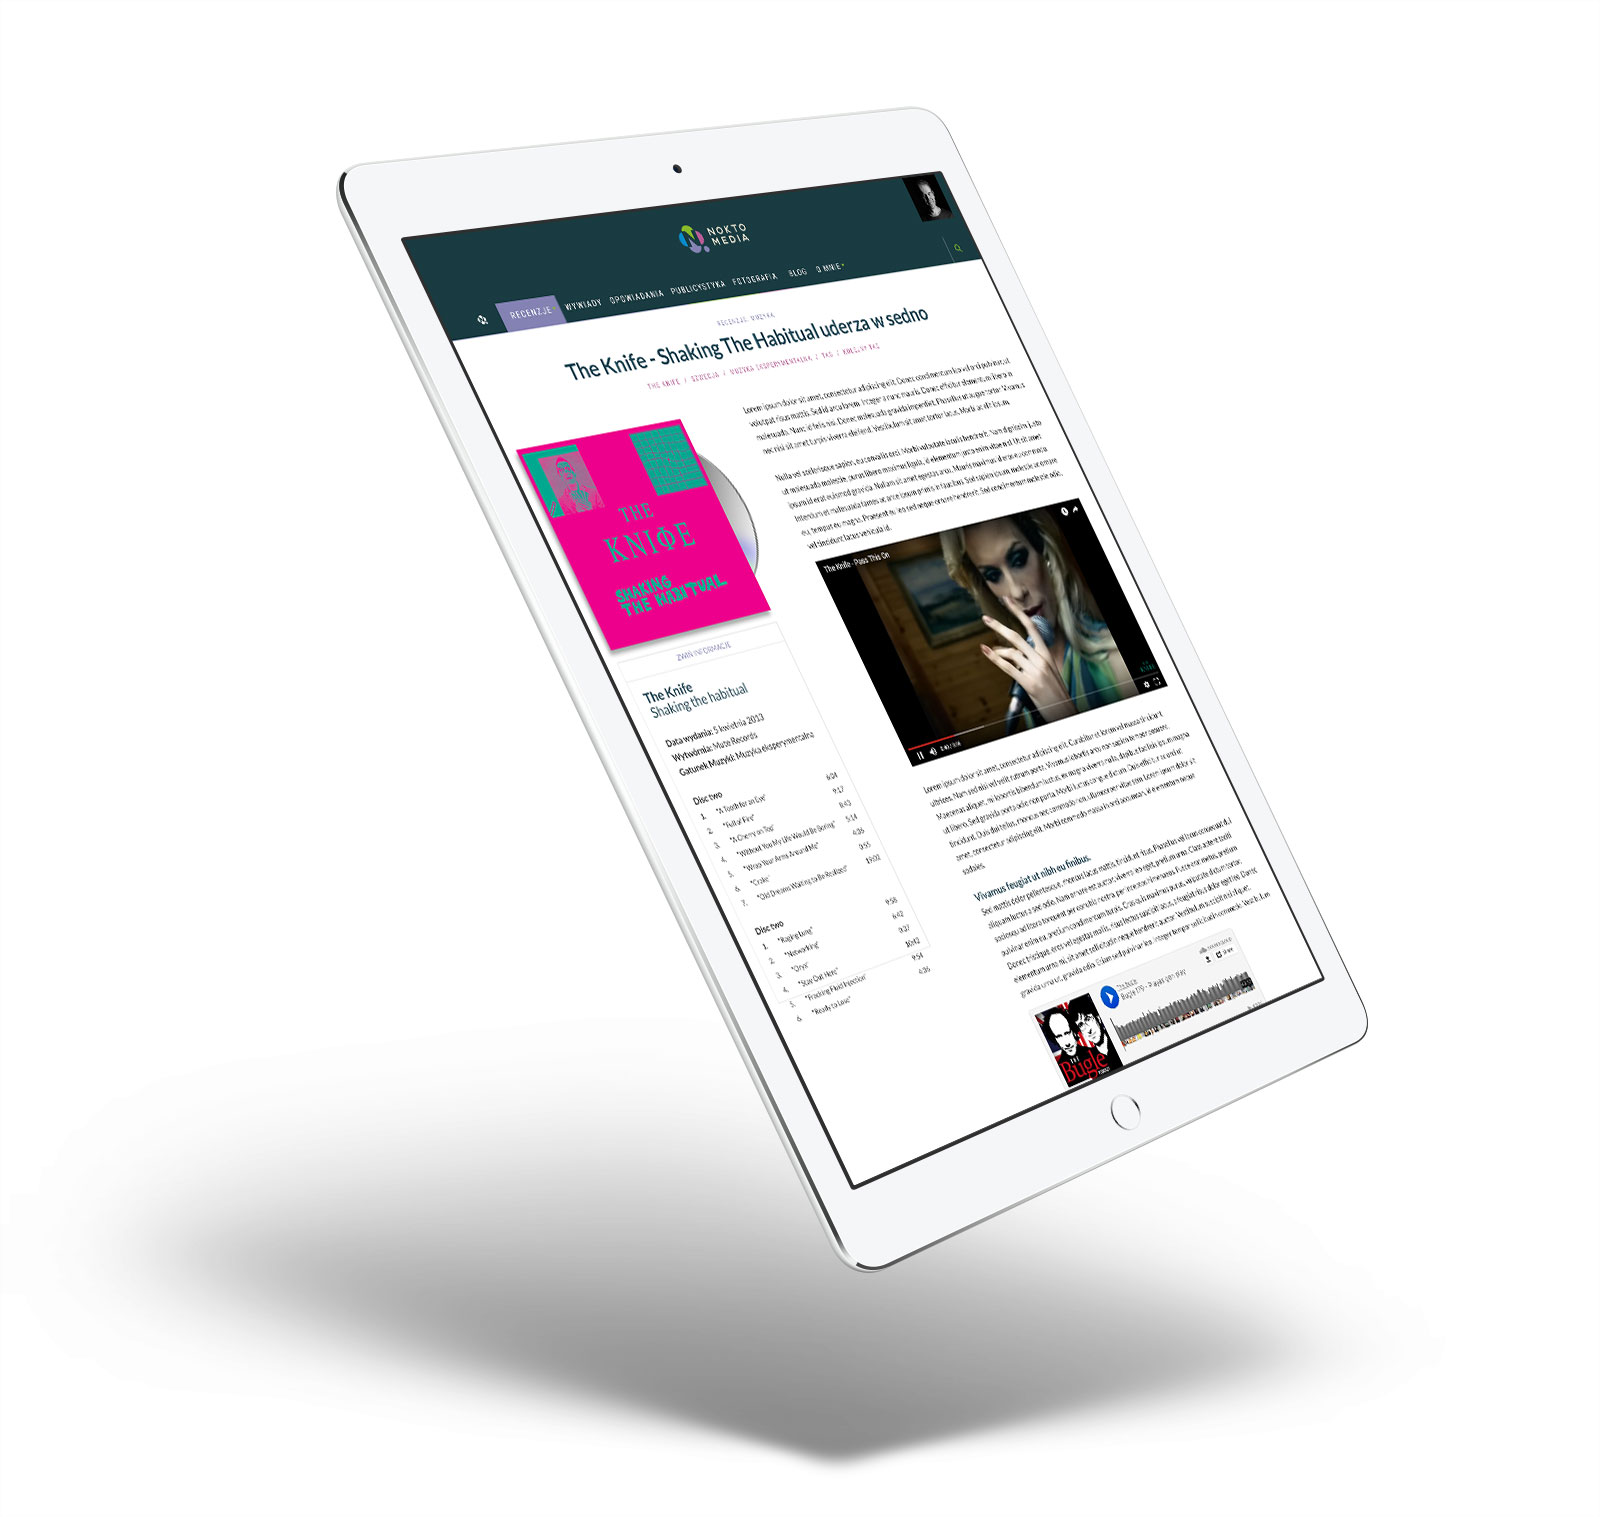 Noktomedia - wizualizacja podstrony na tablecie - RWD